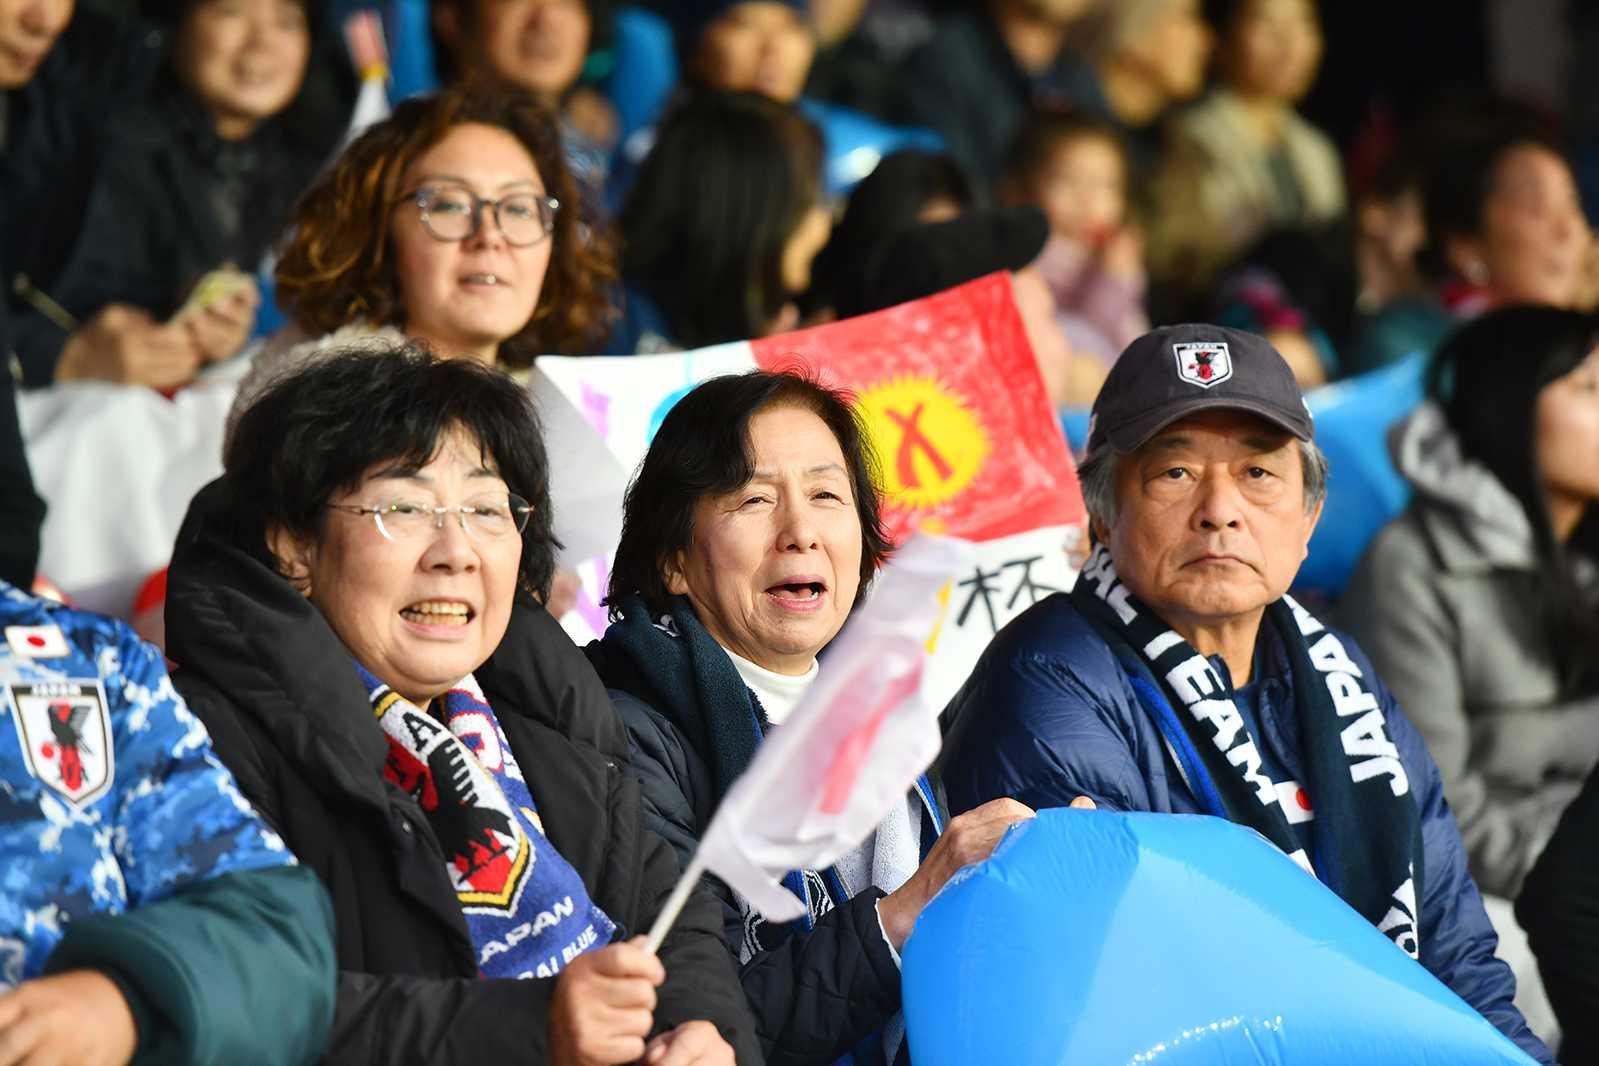 Проиграли… Но зато как достойно! 2:0 в пользу сборной Японии